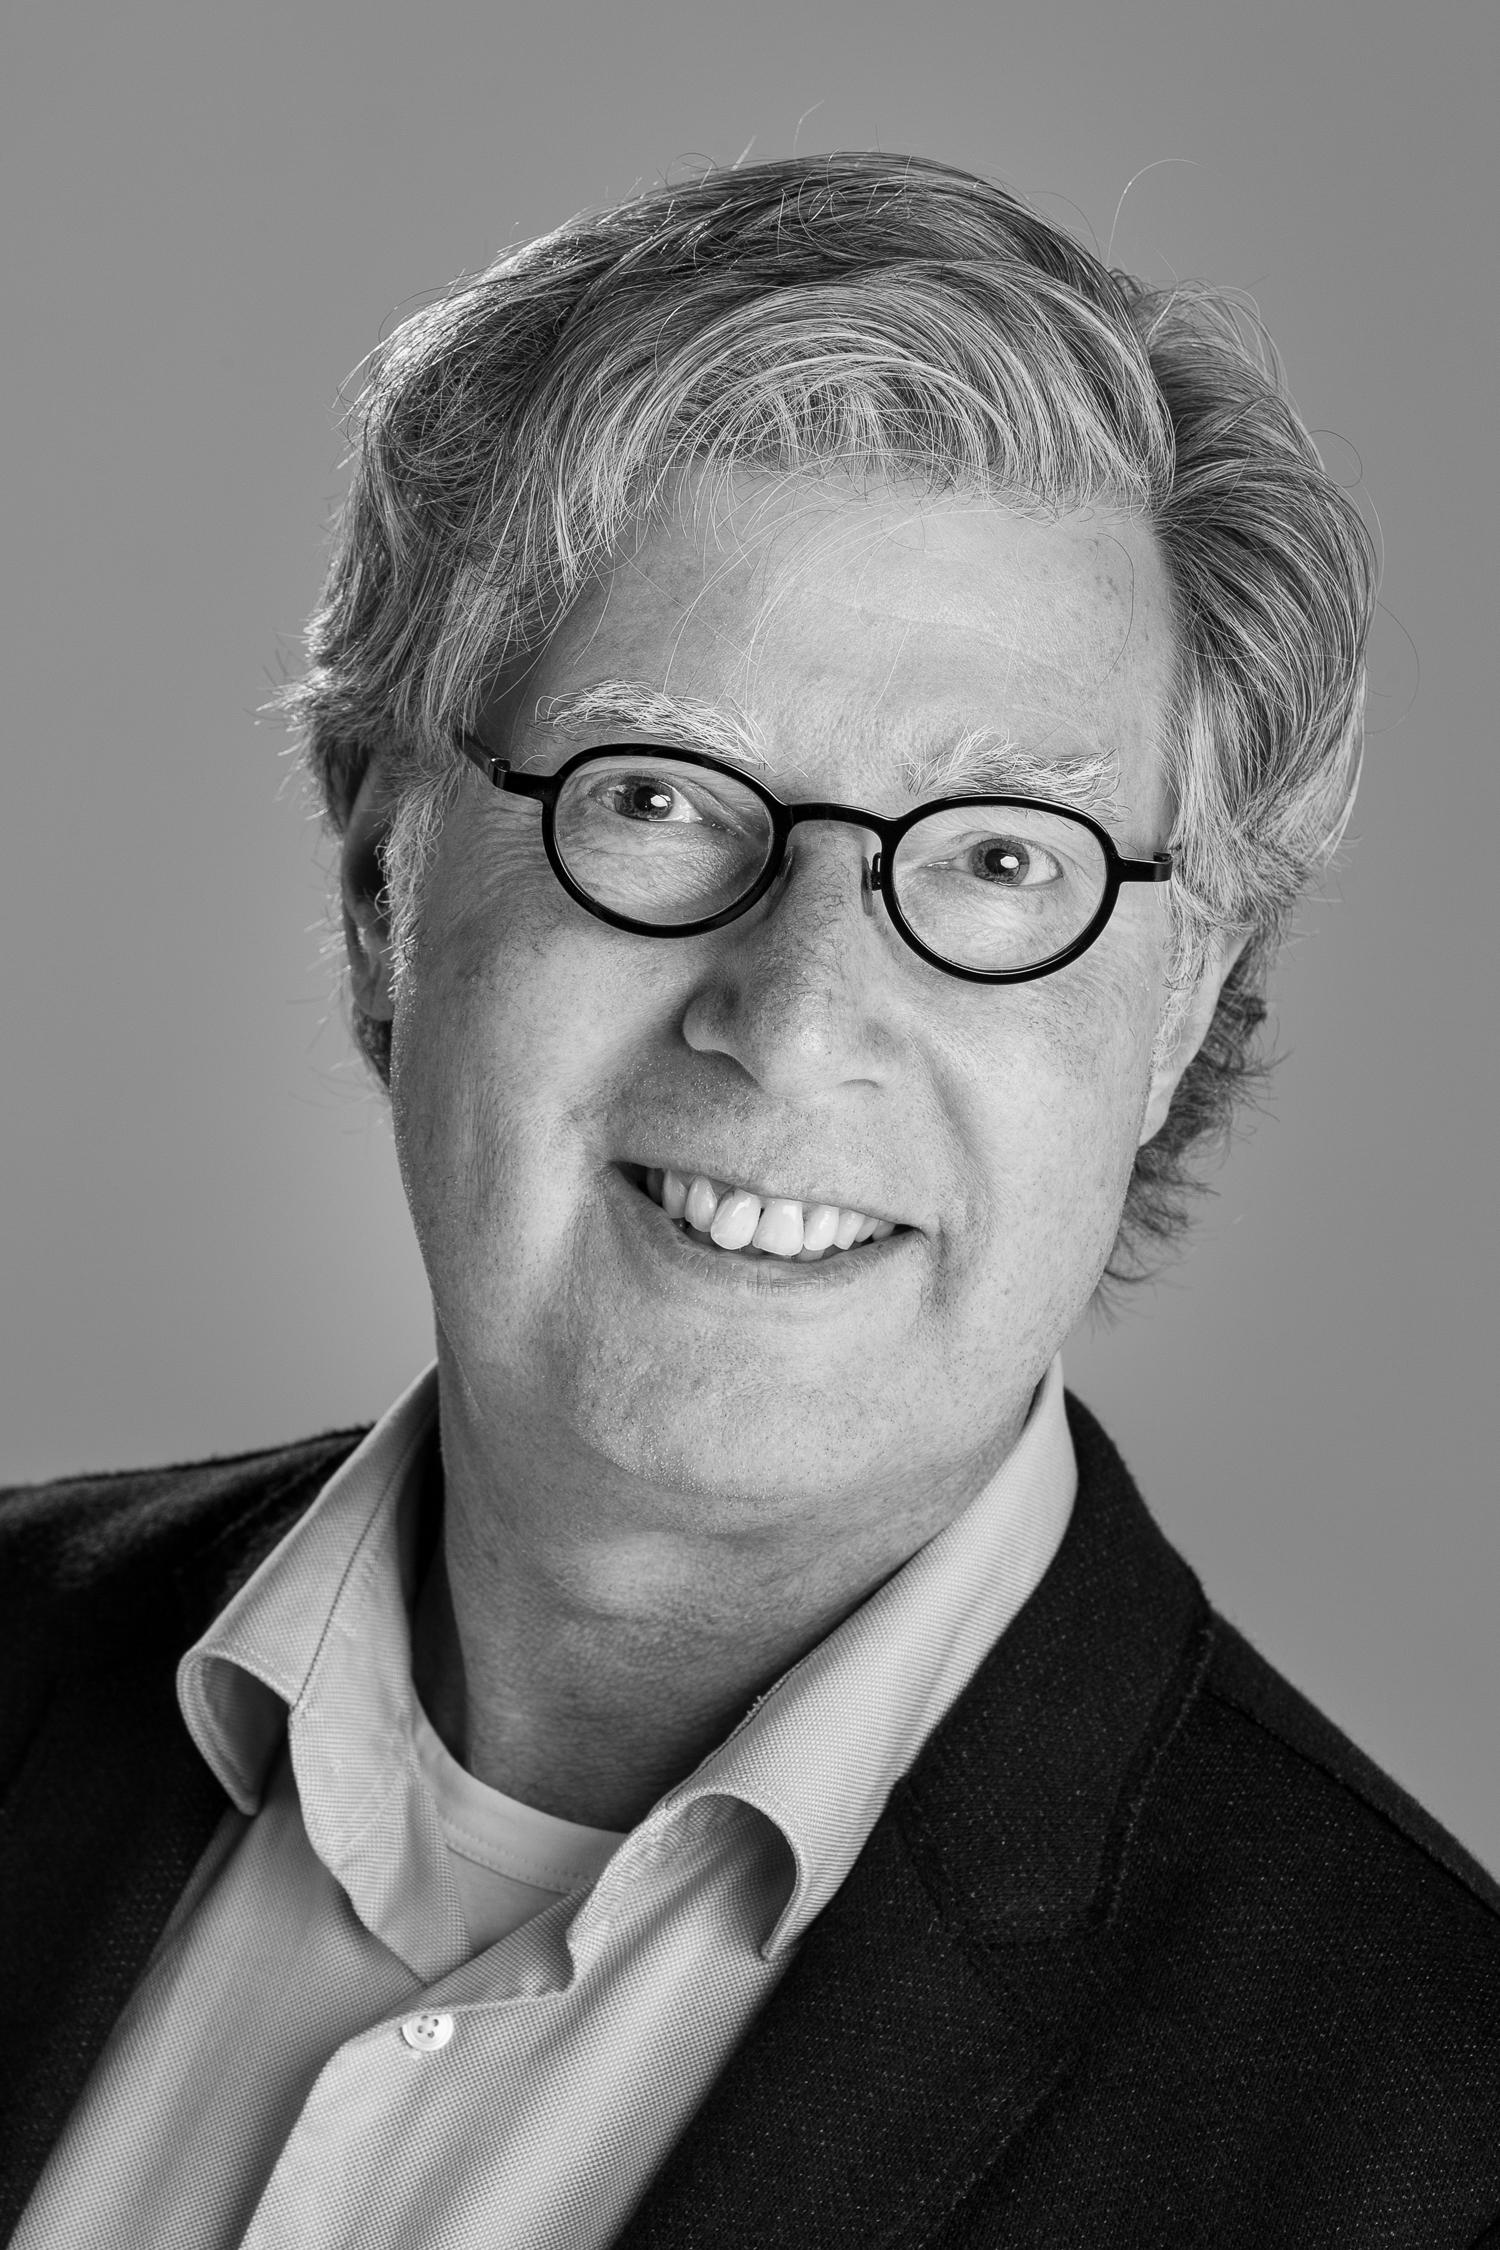 Portretfoto Harry Kiekebosch.jpg